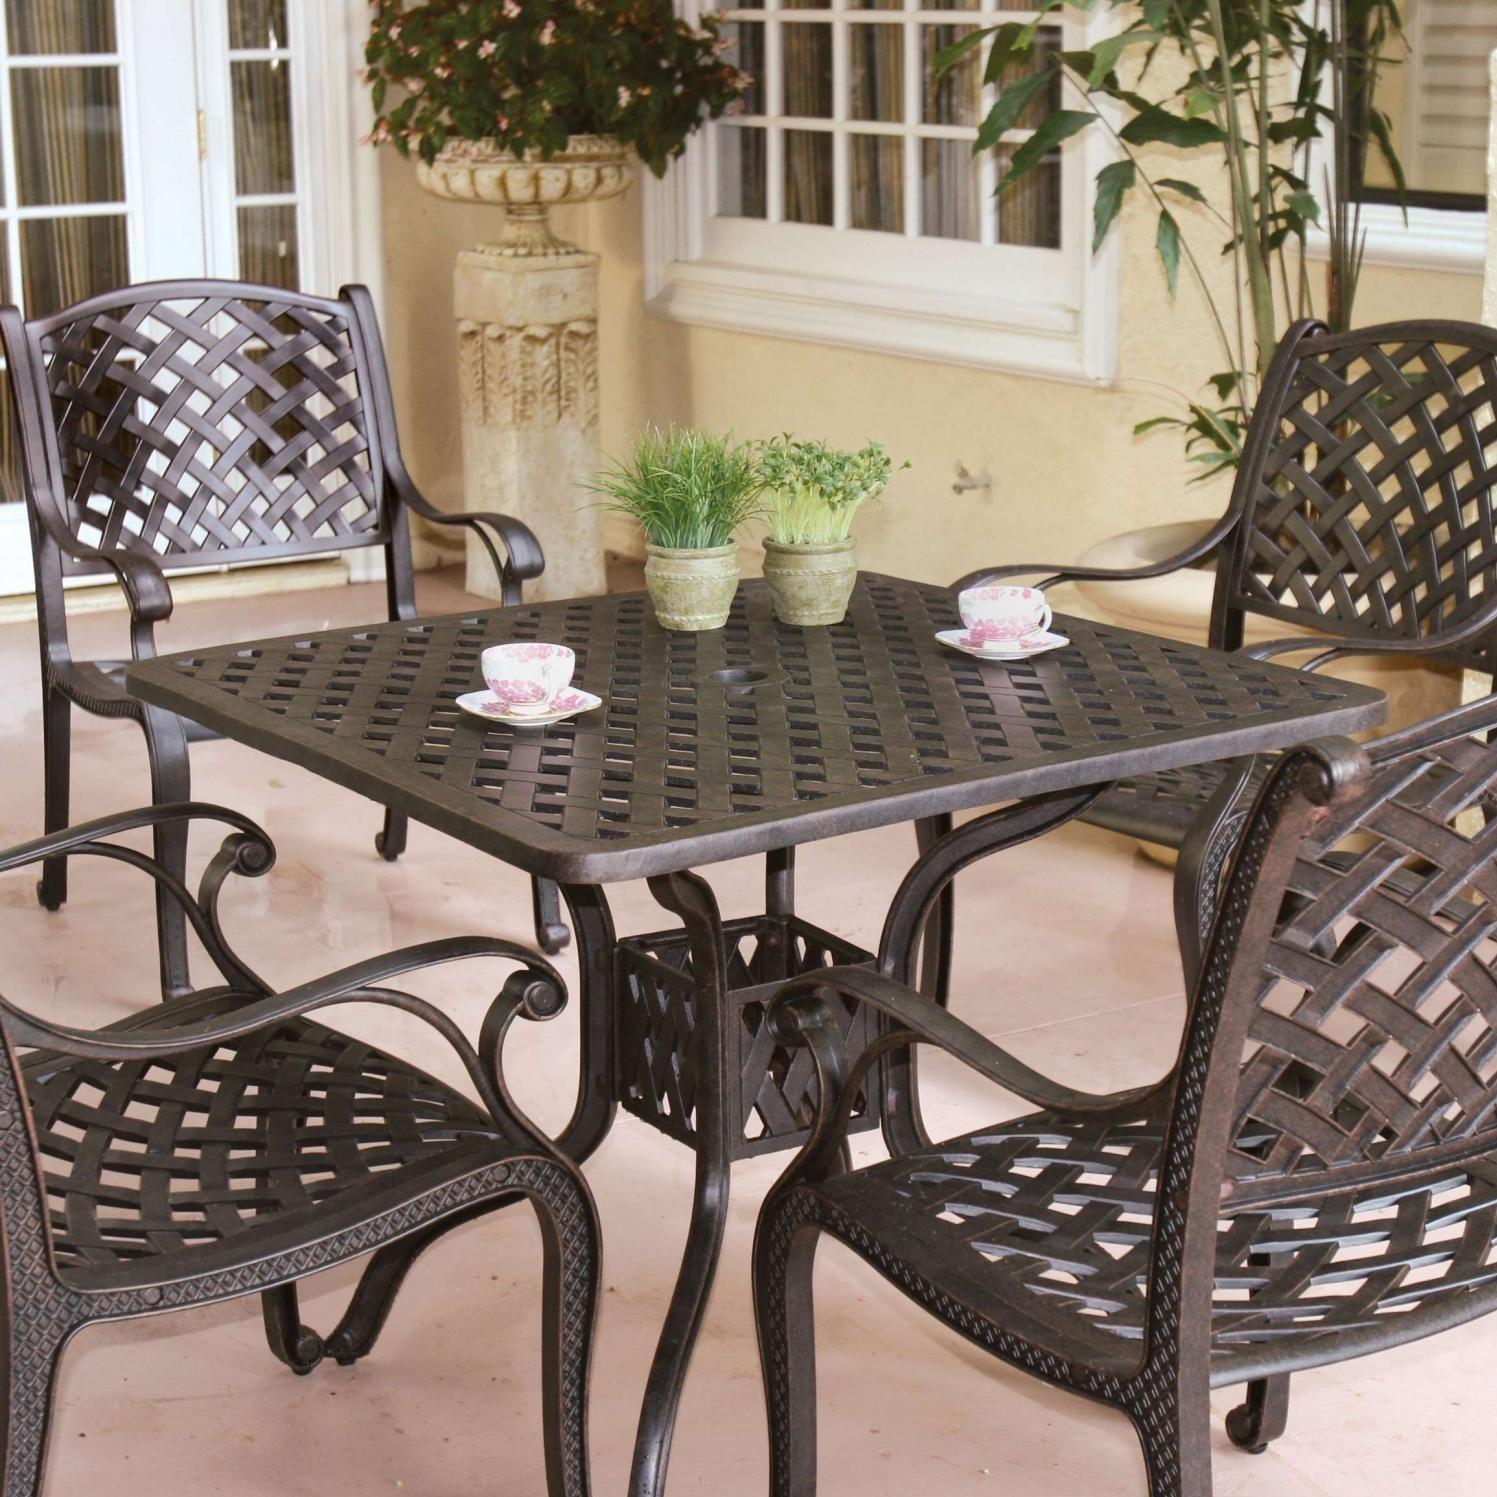 4 Person Patio Dining Set Terrasse Sitzgruppe Esstisch